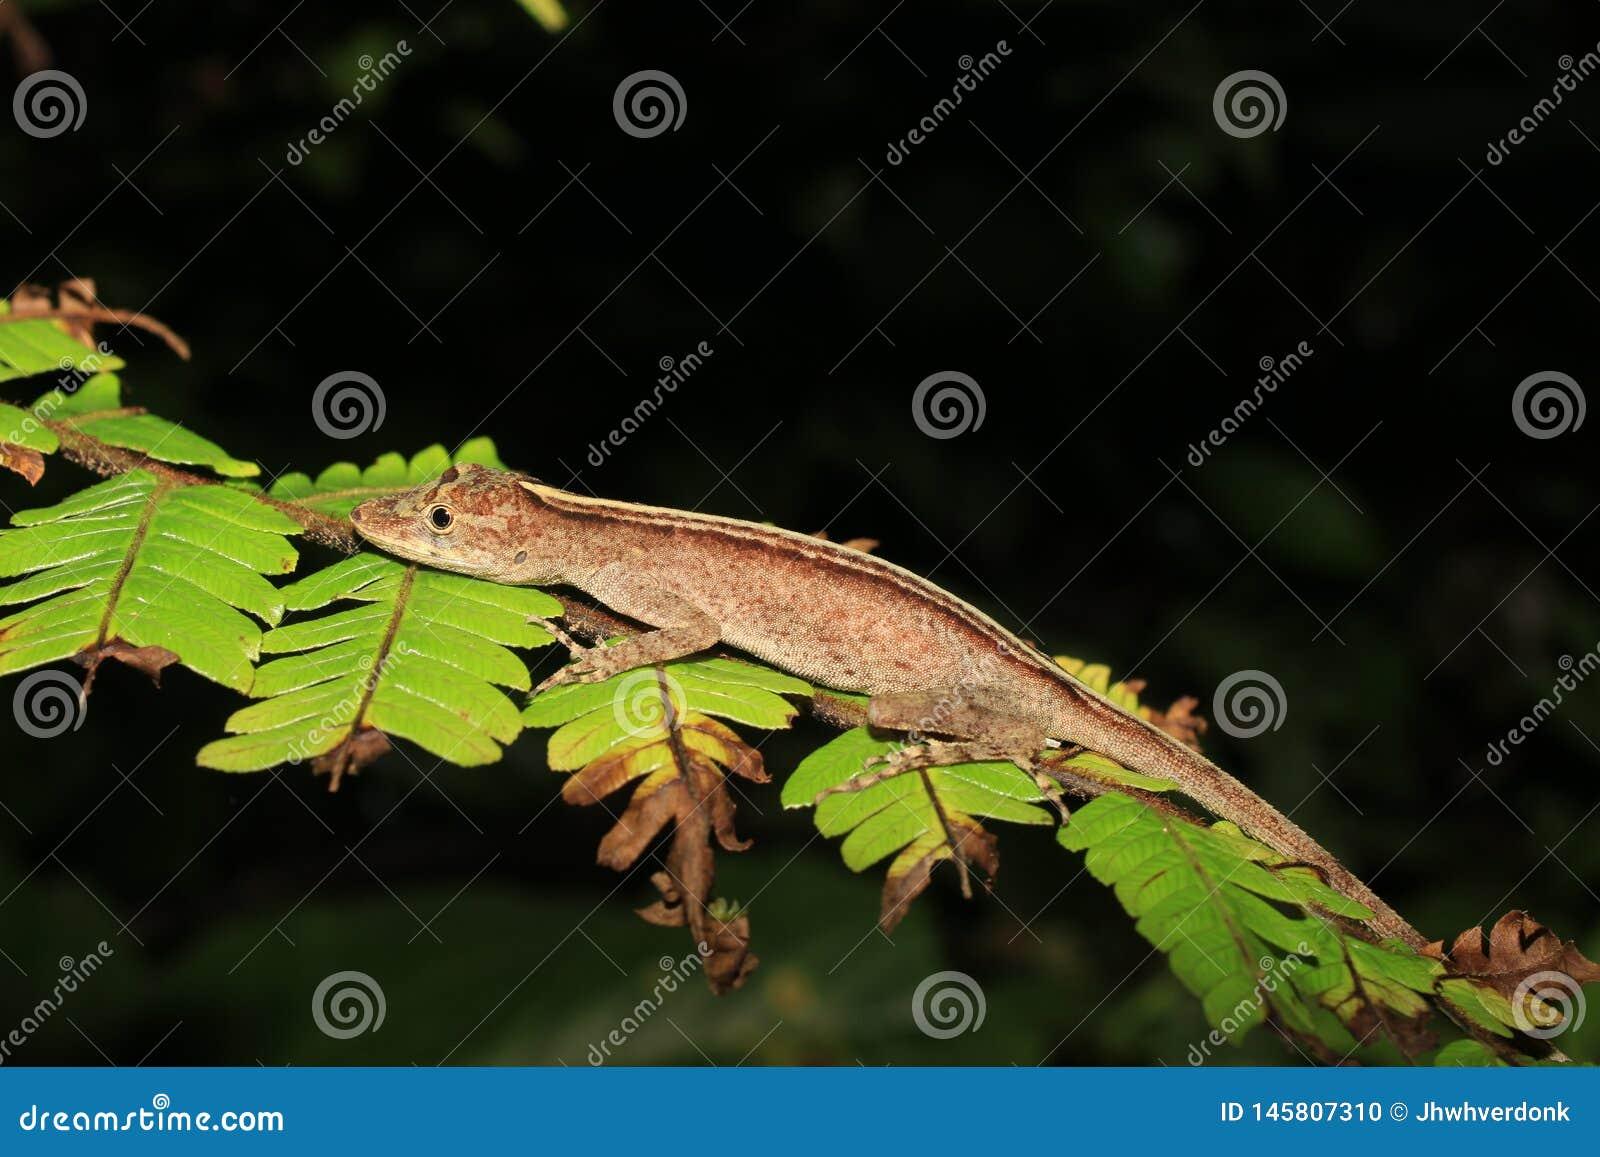 Anolis gatunki śpi na urlopie w tropikalnym lesie deszczowym Ecuador, południowy America